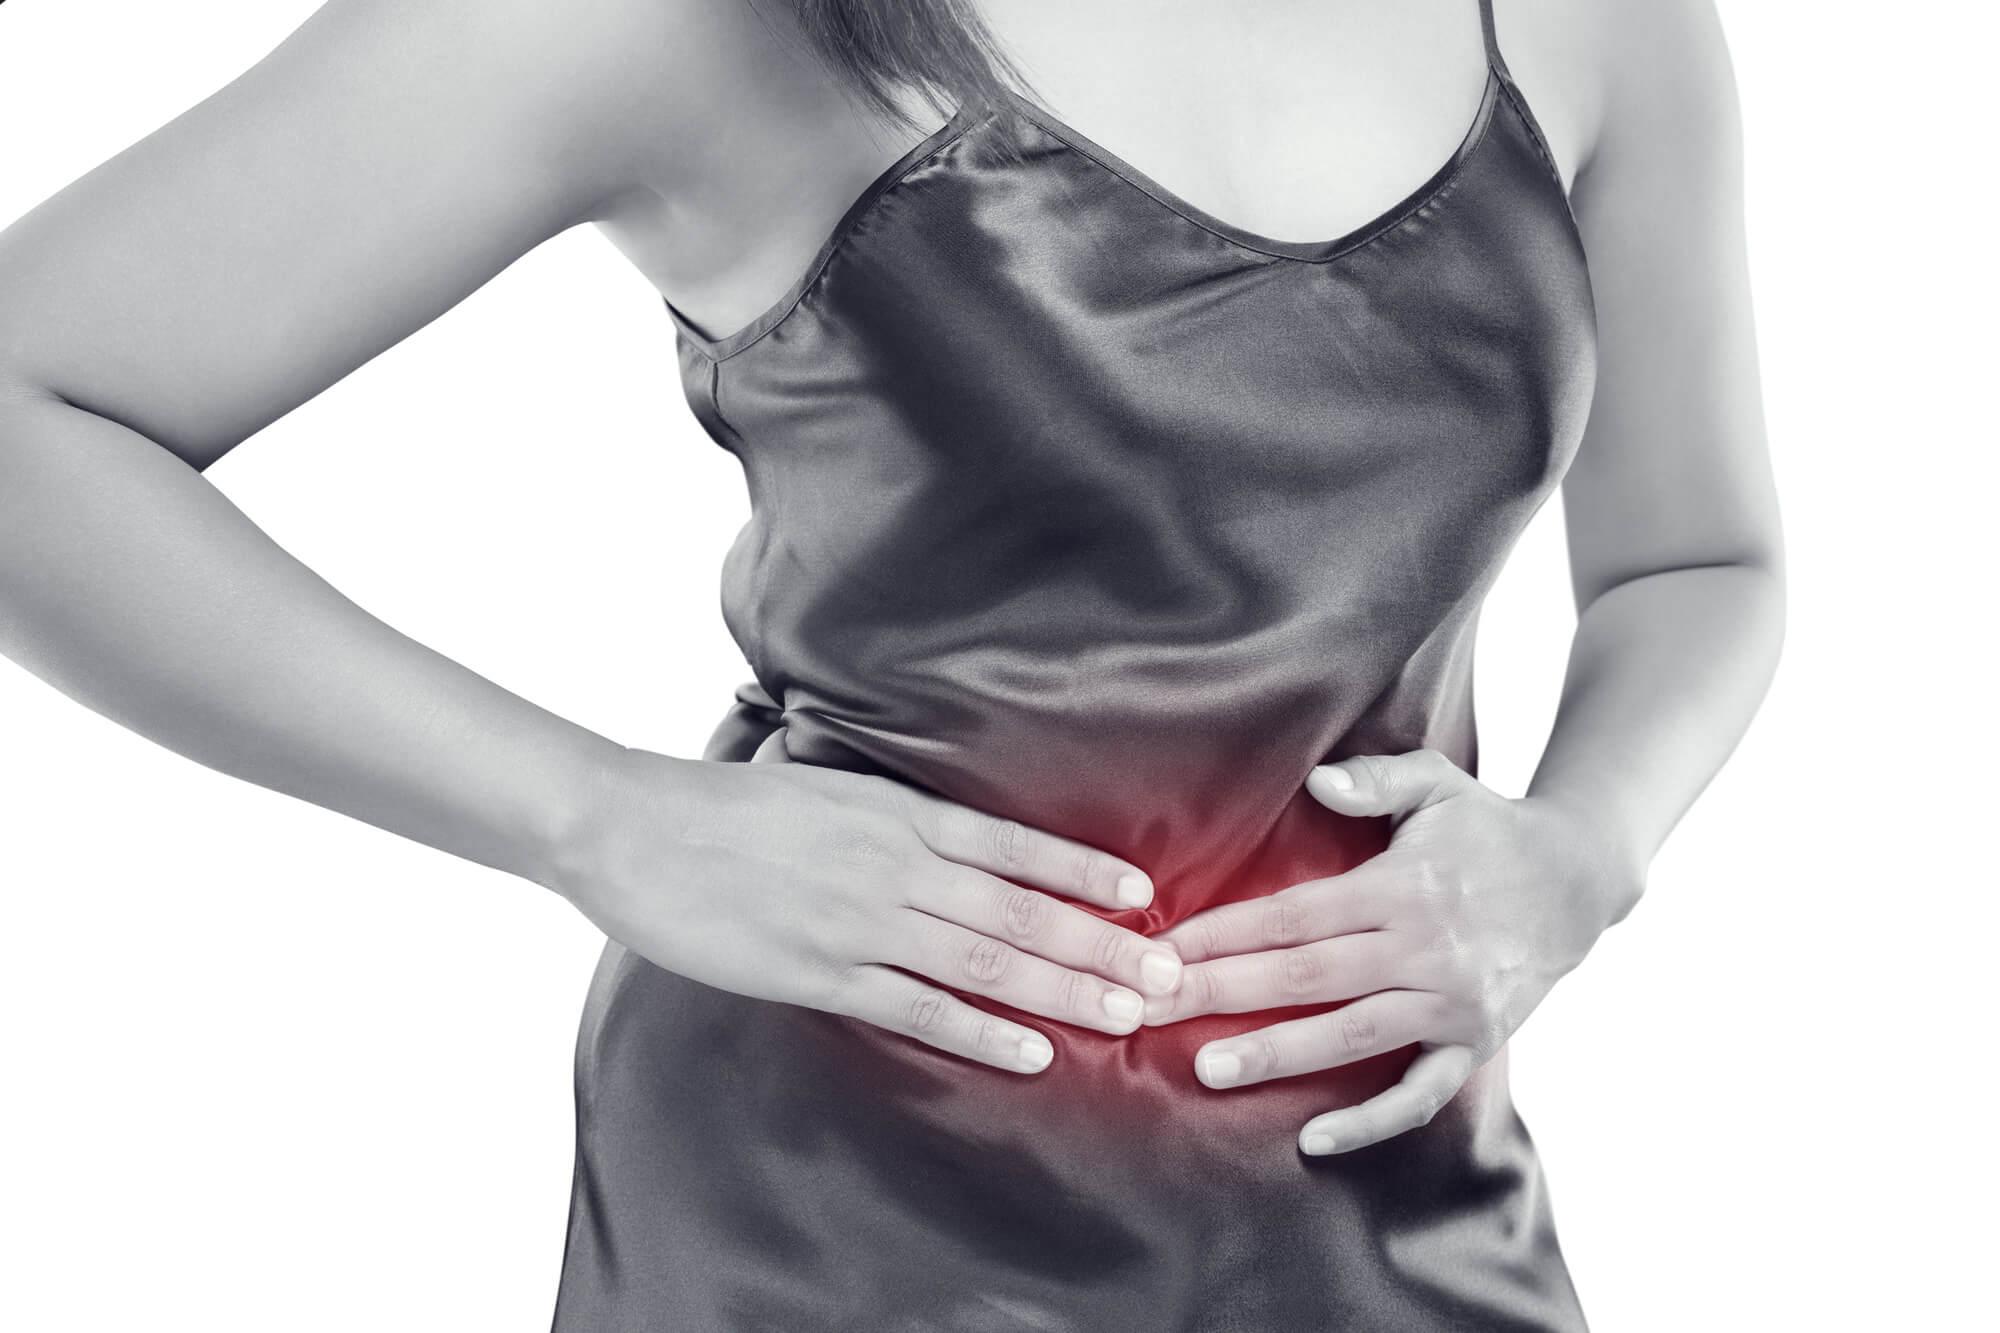 输卵管粘连怎么治效果好呢?治不好有哪些危害呢?